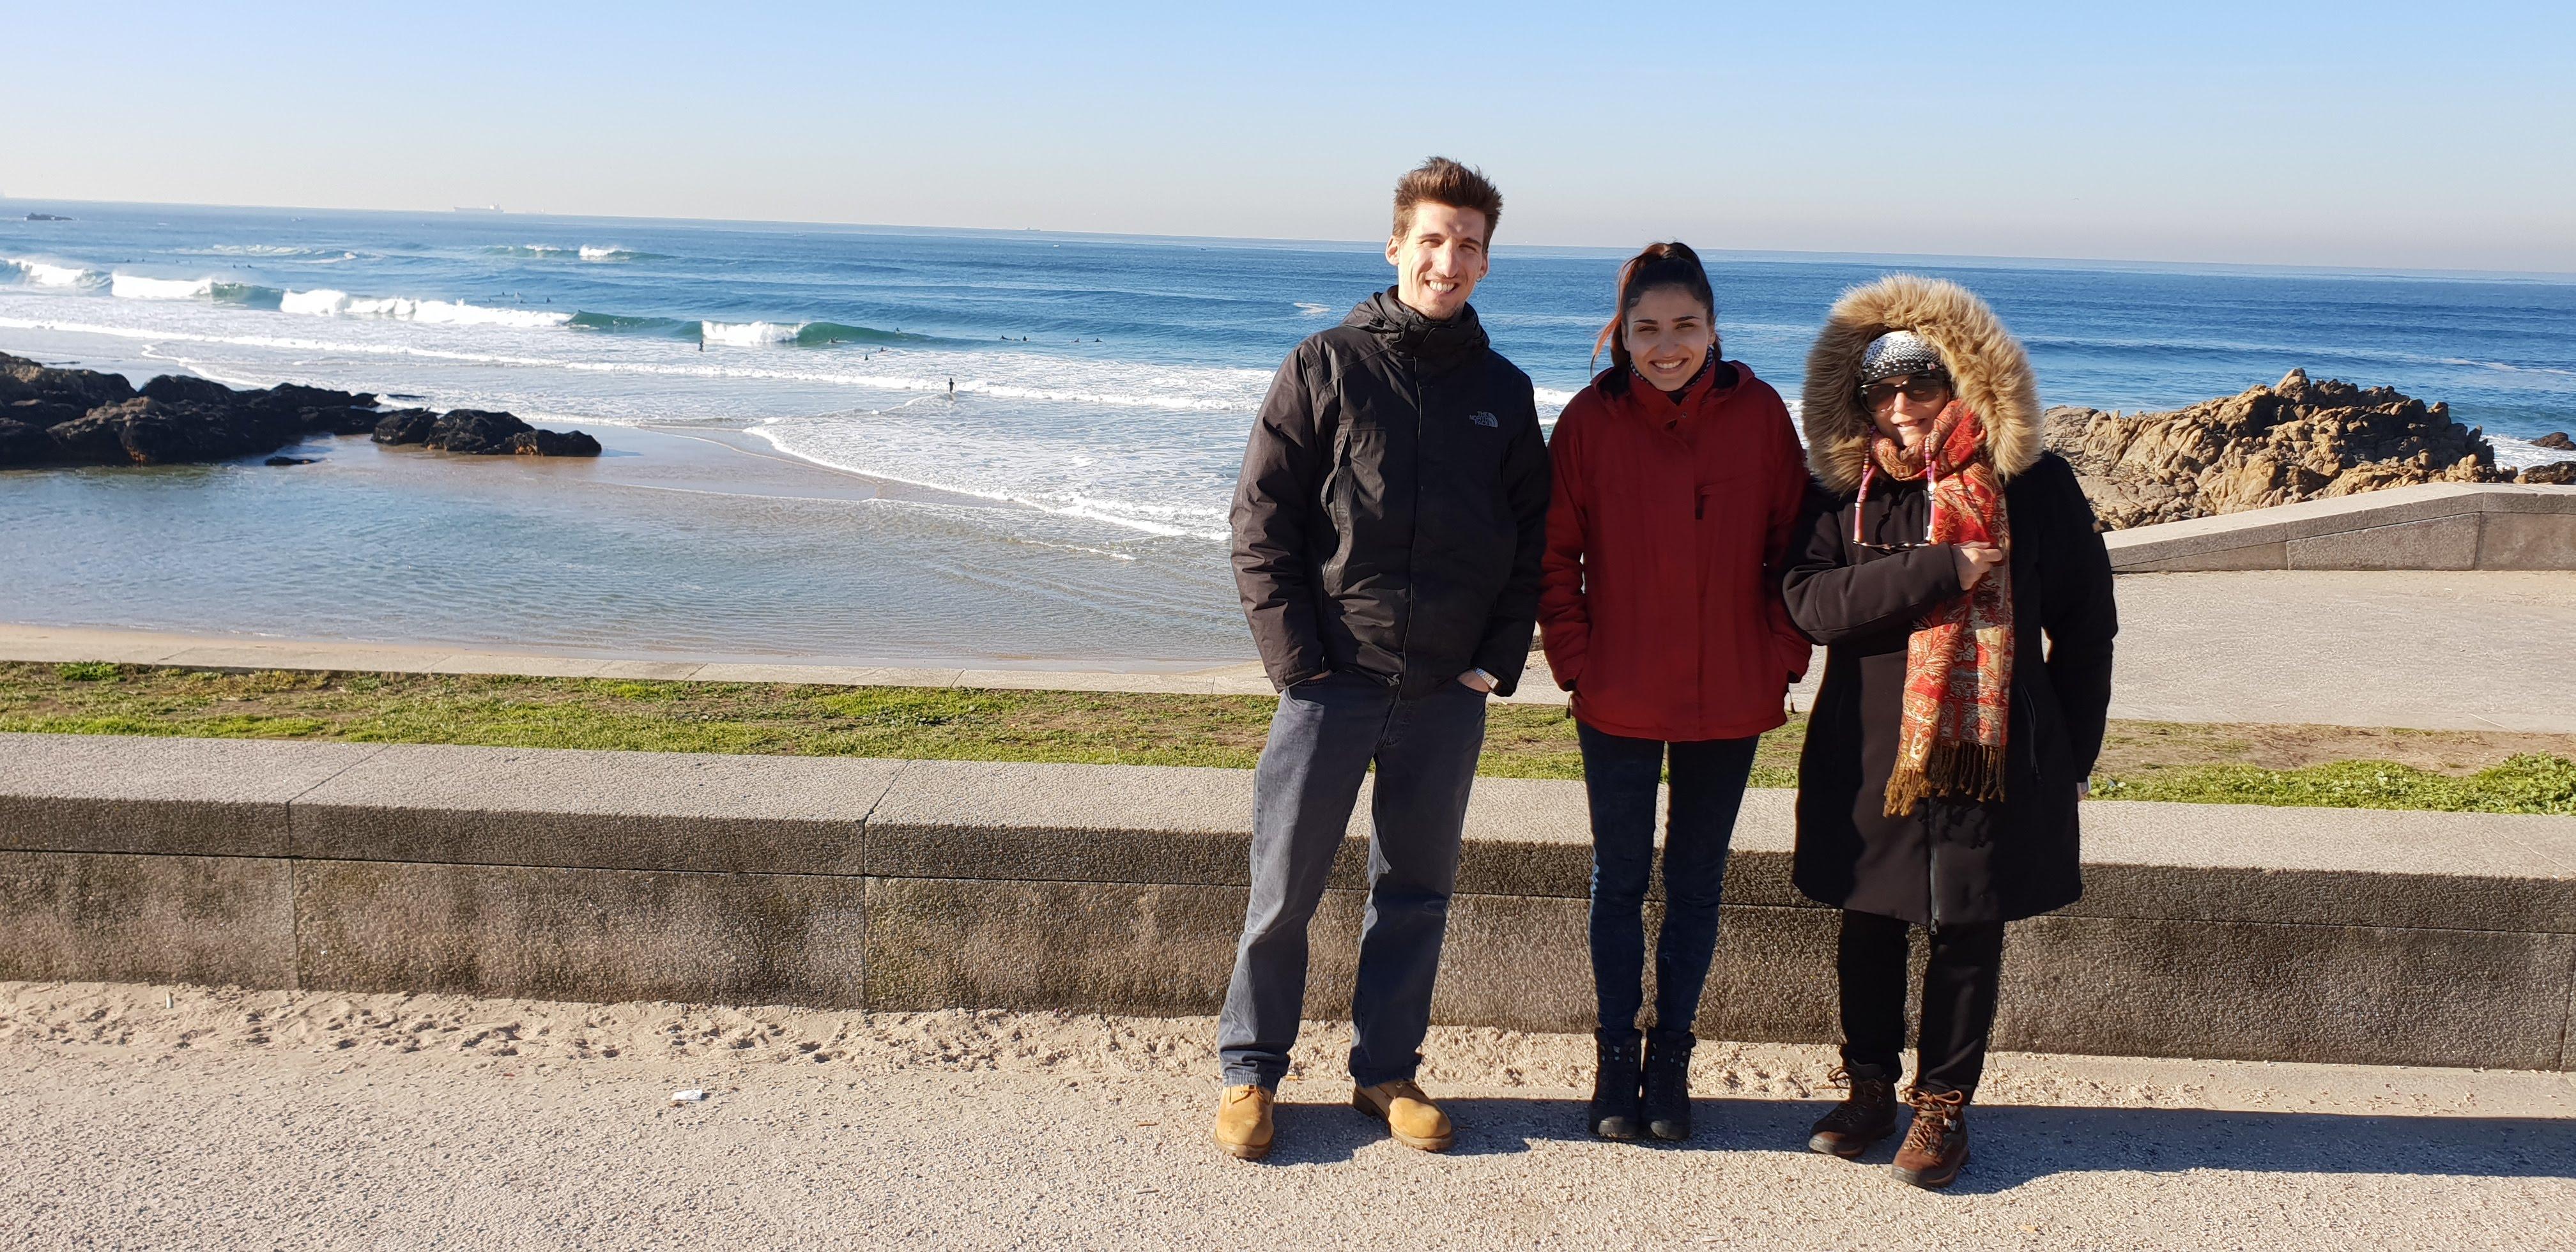 Porto & Matosinhos com Cruzeiro, Almoço e Vinhos